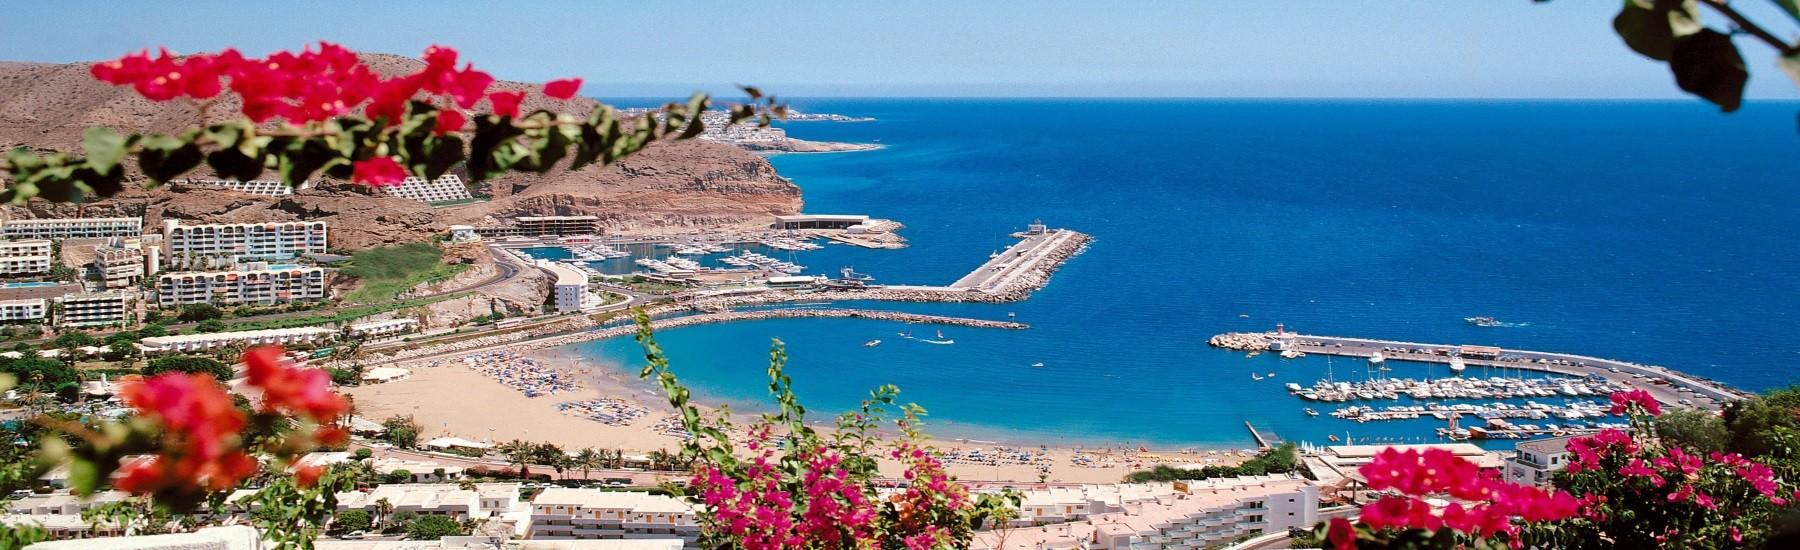 Gran Canaria - Puerto Rico Touren